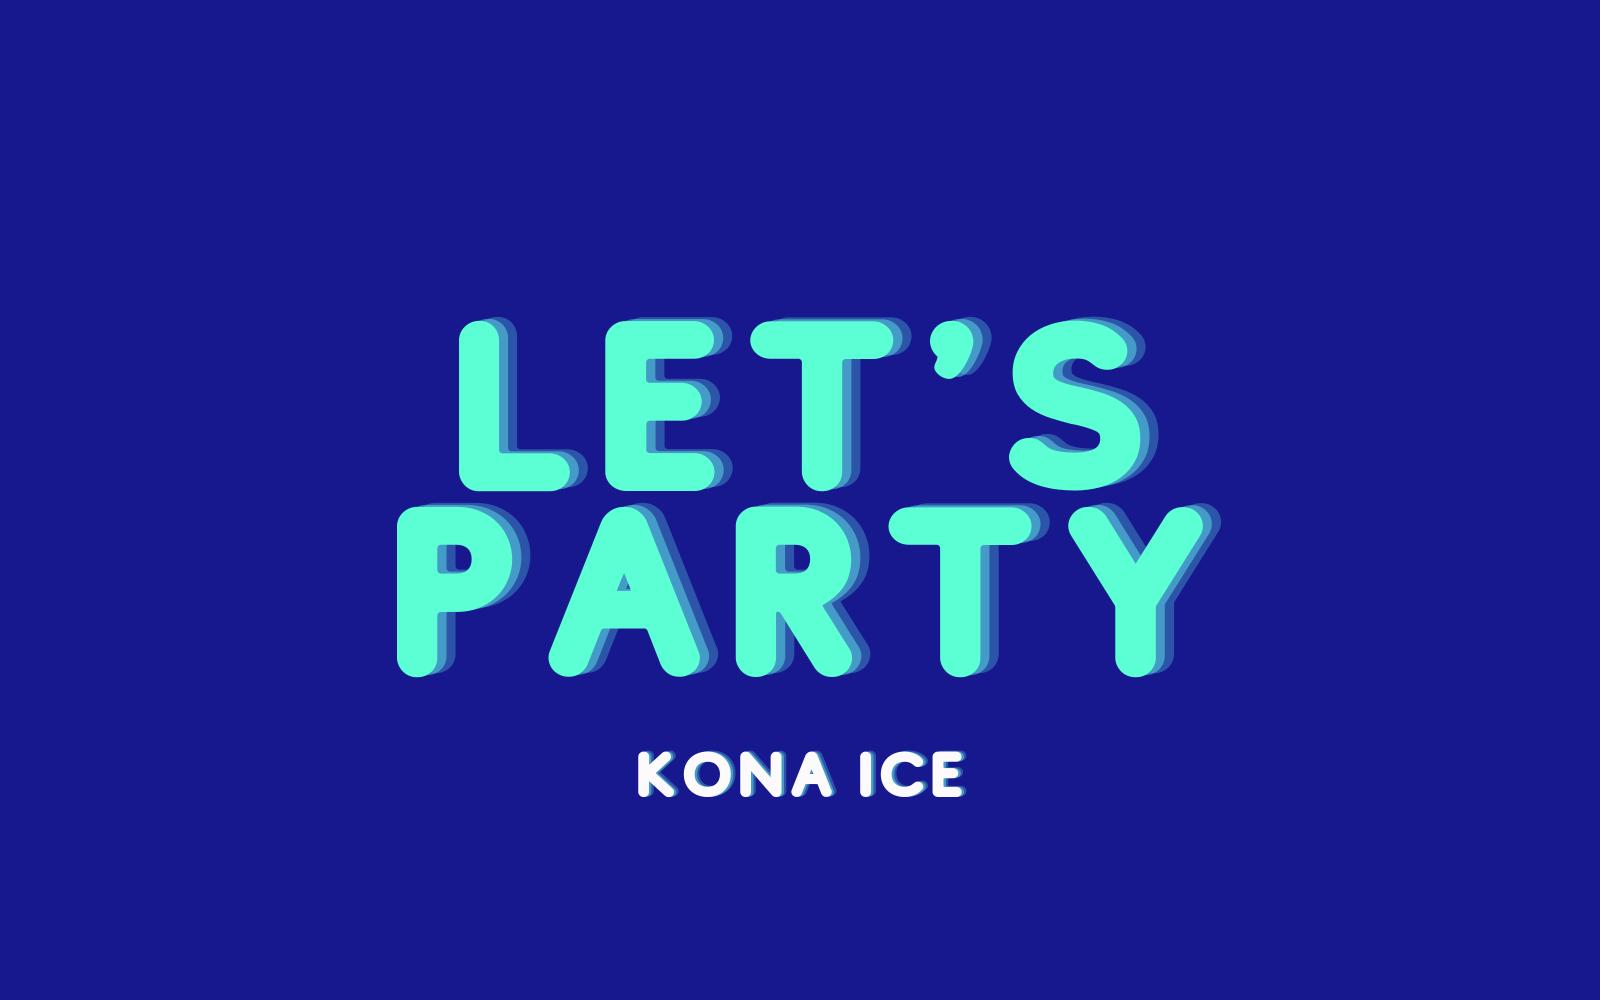 Image for Kona Ice Celebration